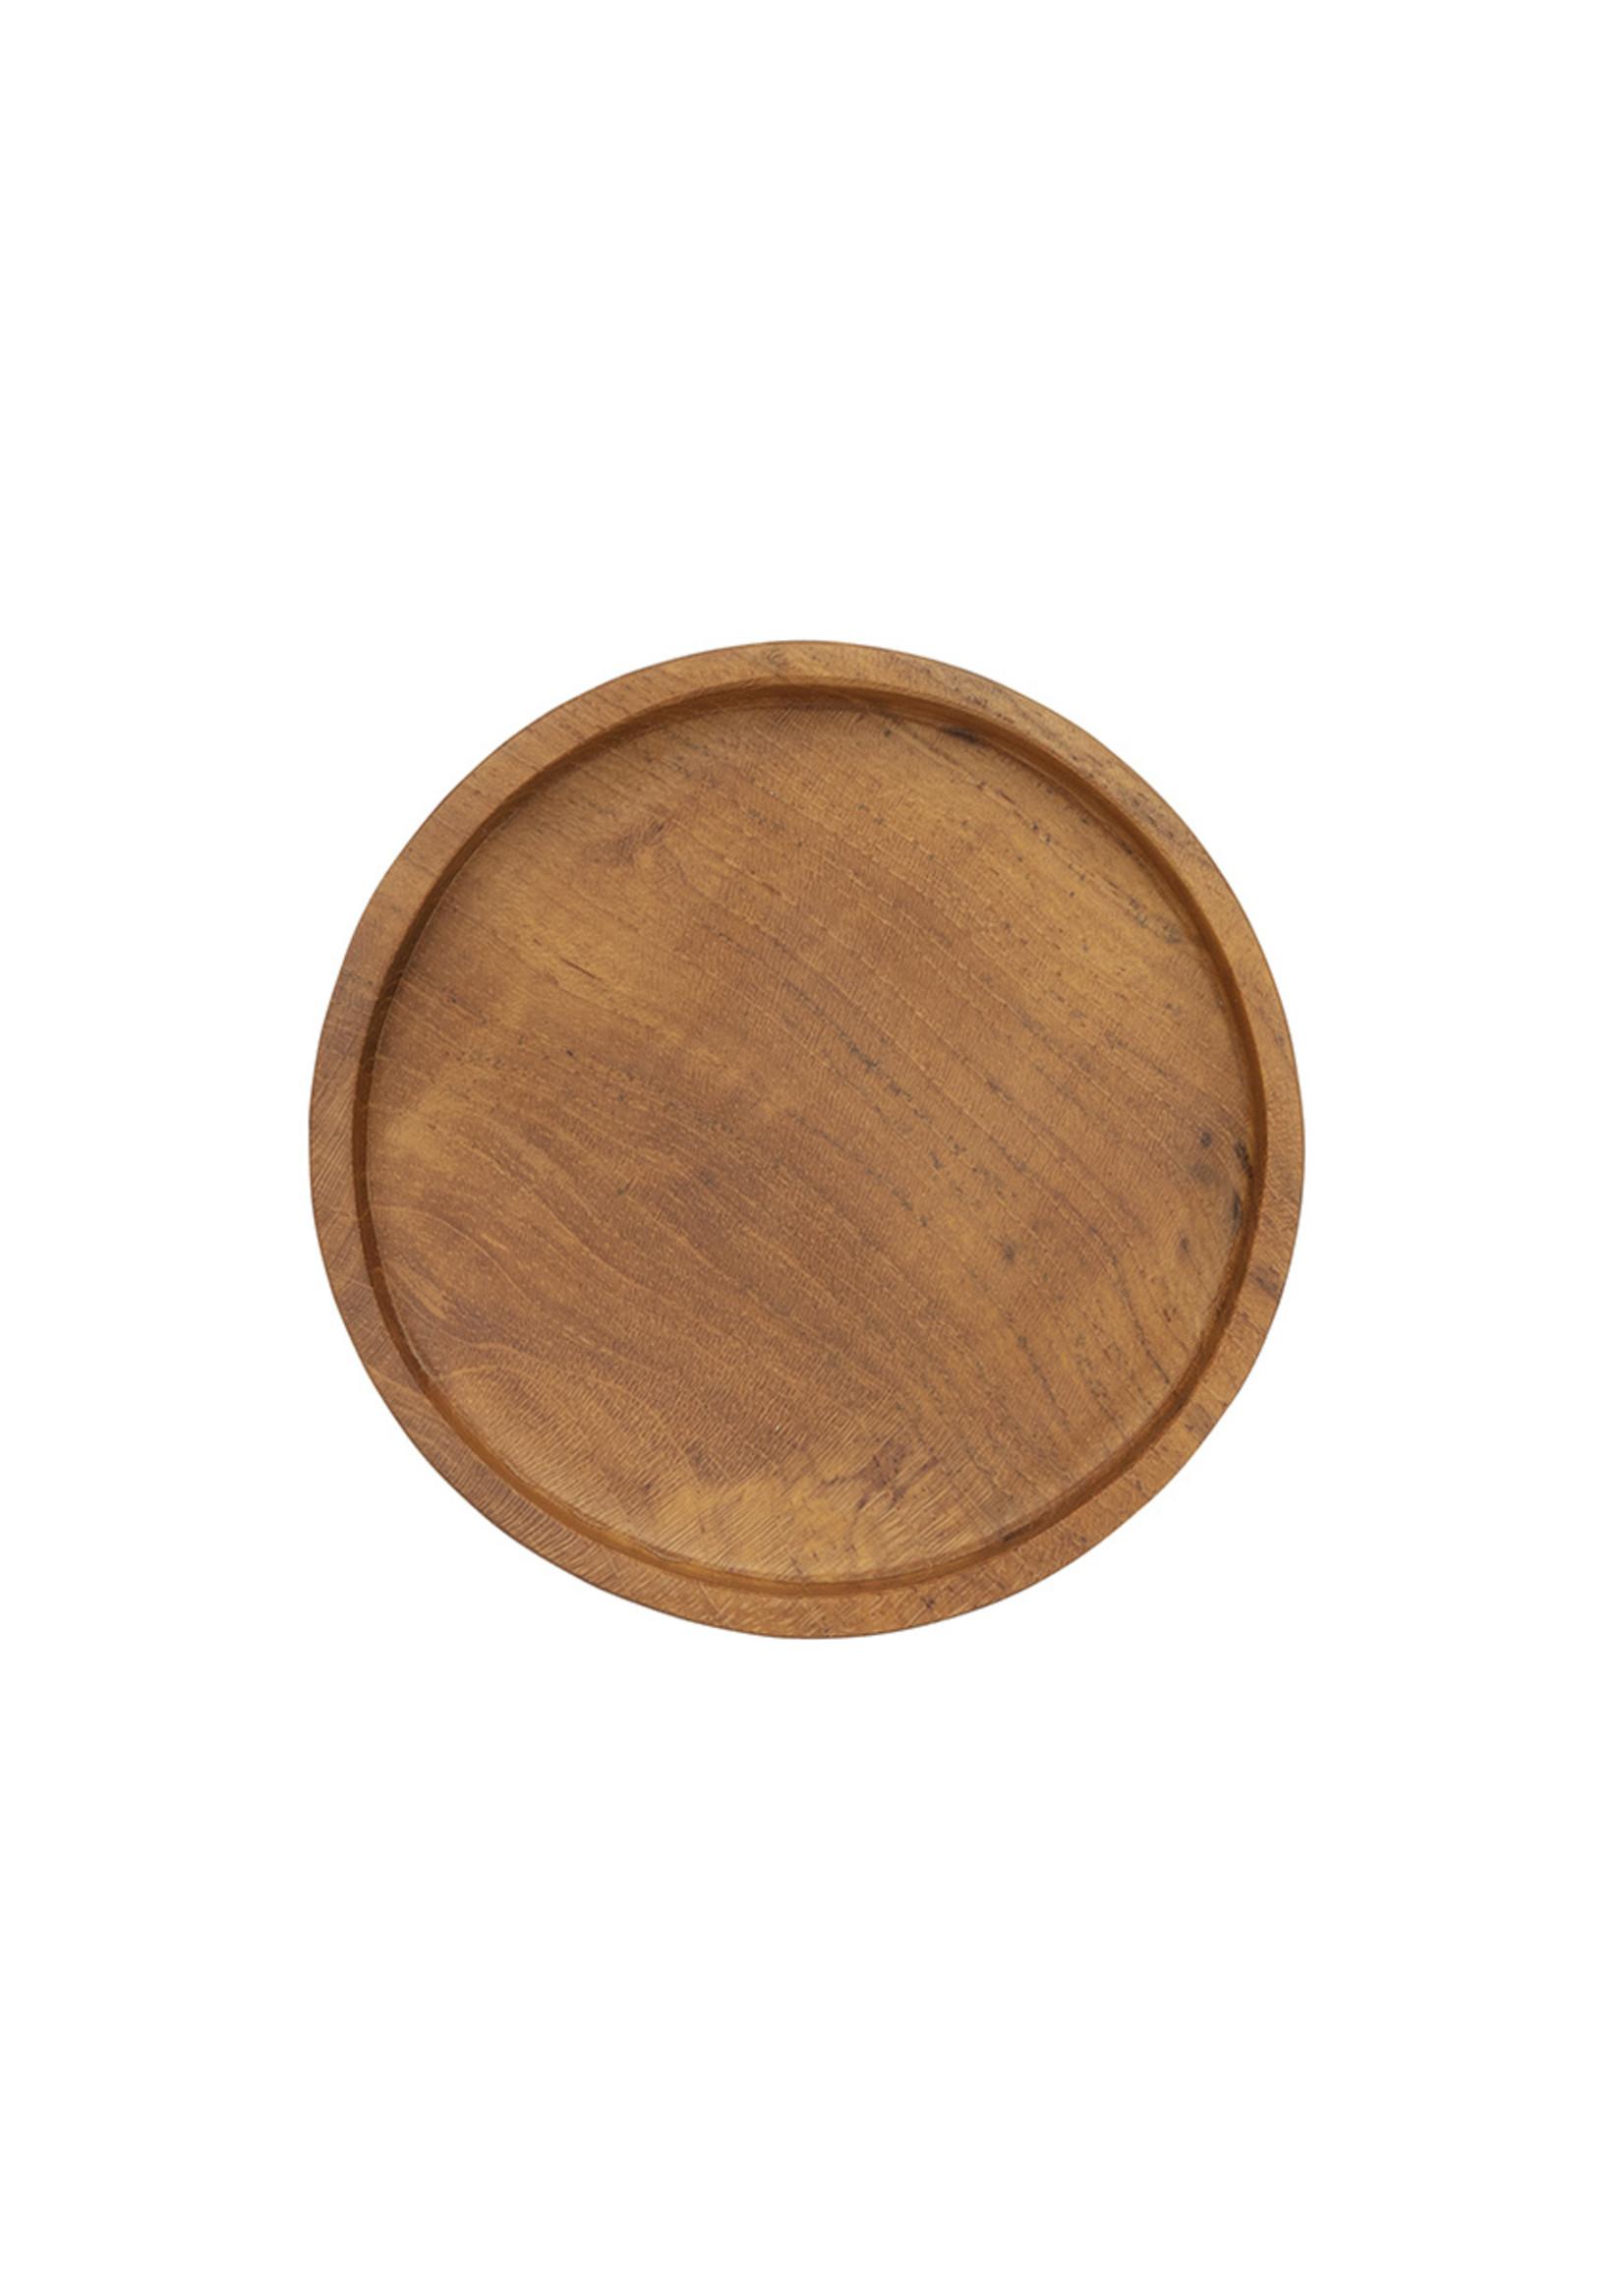 Onderzetter in hout